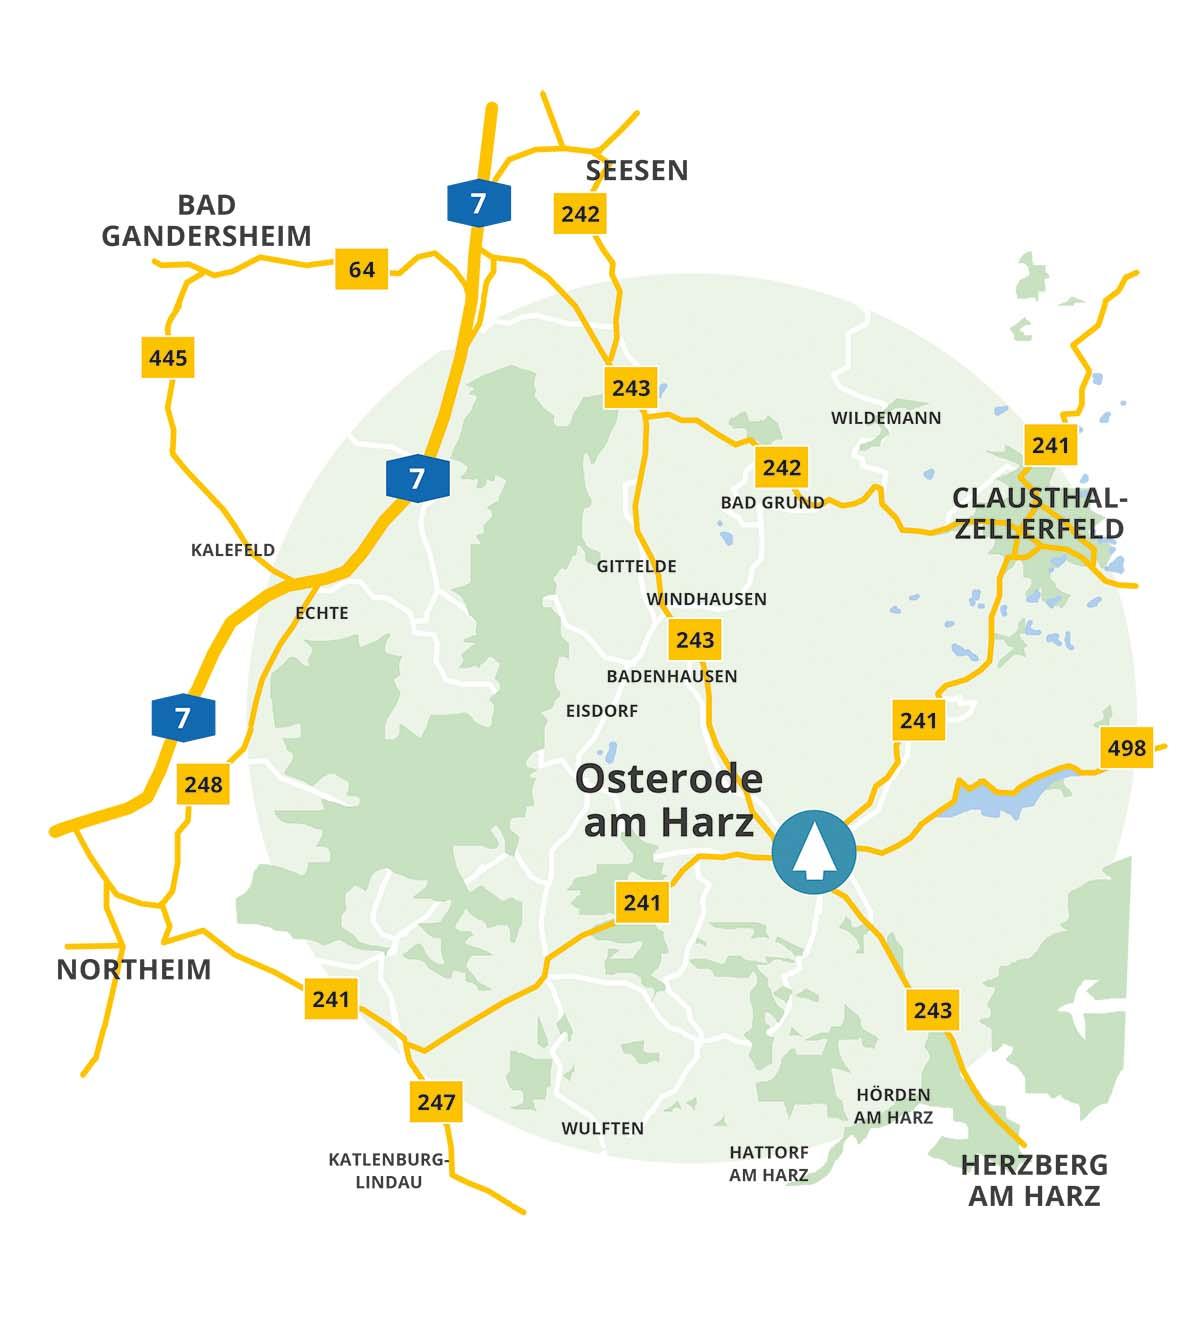 Anfahrtskarte zu lindbaum in Osterode am Harz